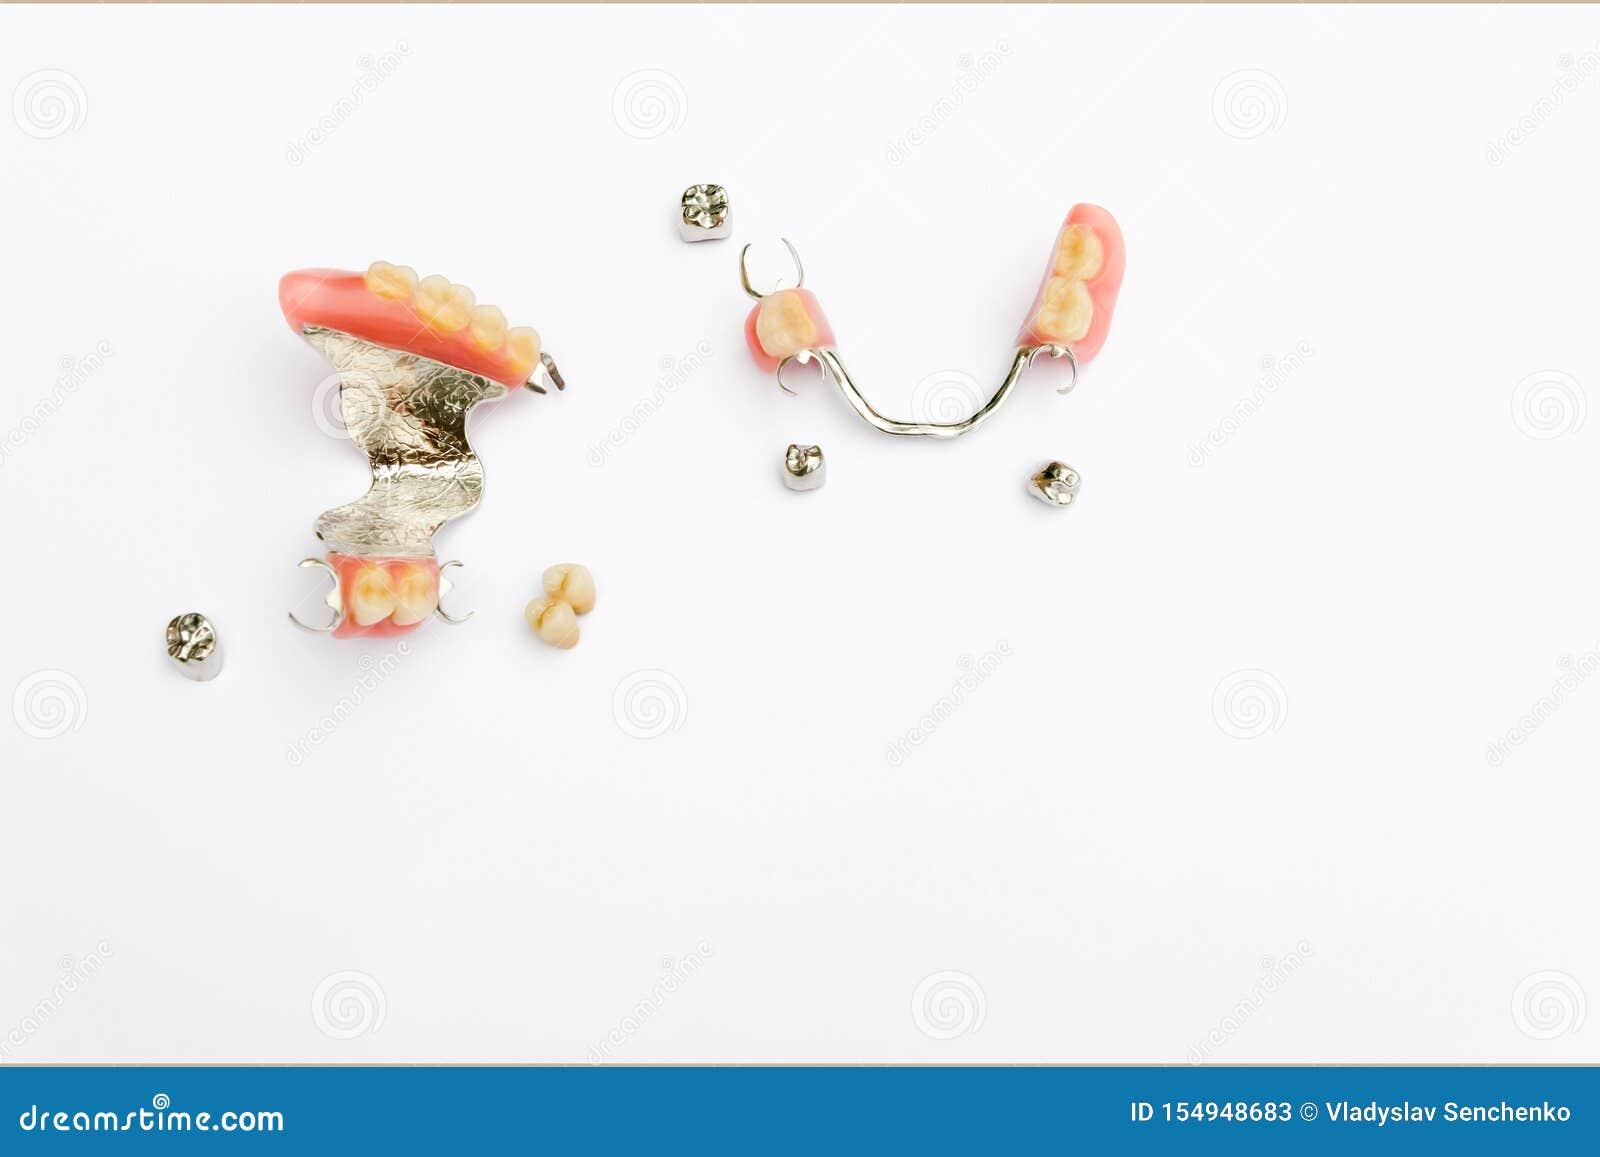 Usuwalny przepięcia prosthesis na wierzchu i obniża szczękę z metalu i metalu koronami